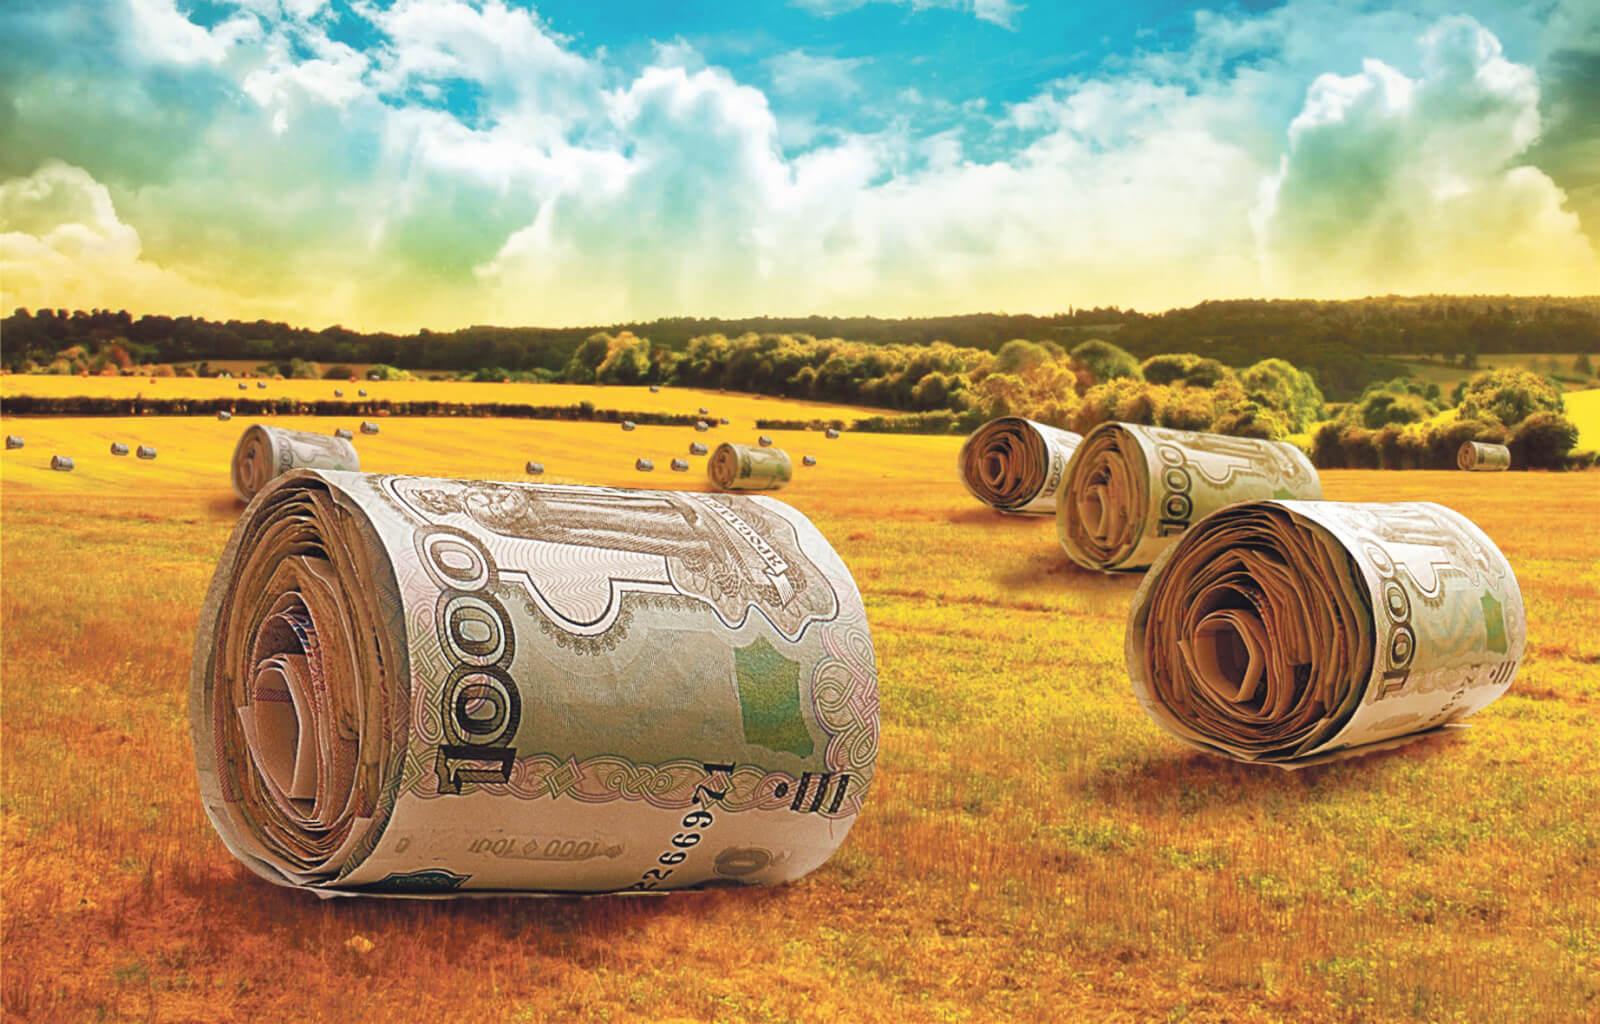 Как получить субсидии на сельское хозяйство:условия и порядок оформления